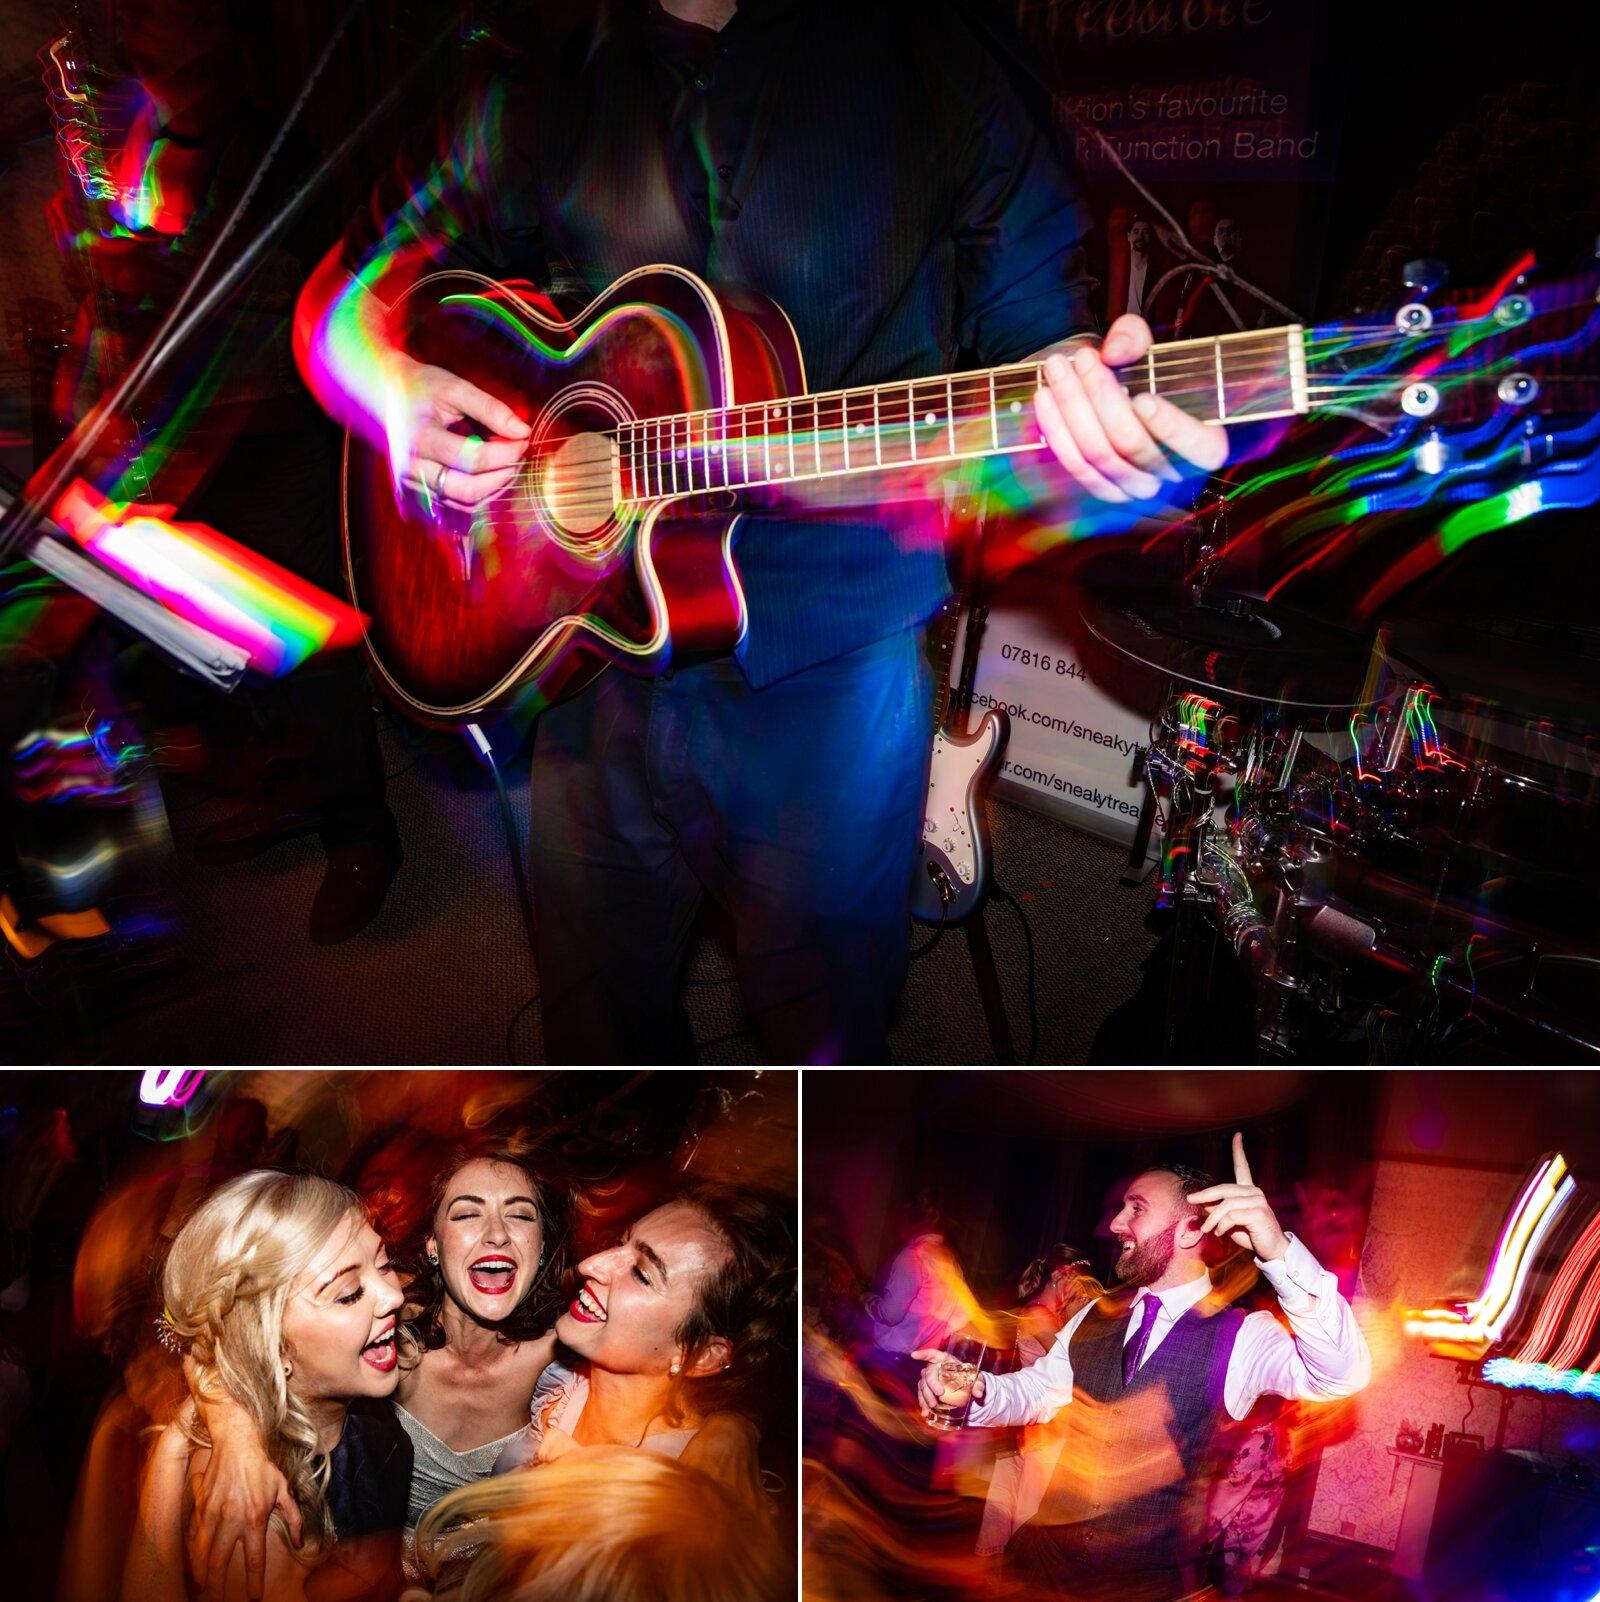 Andy&Szerdi-Photography_Party_Elaine-Stephen-15.jpg